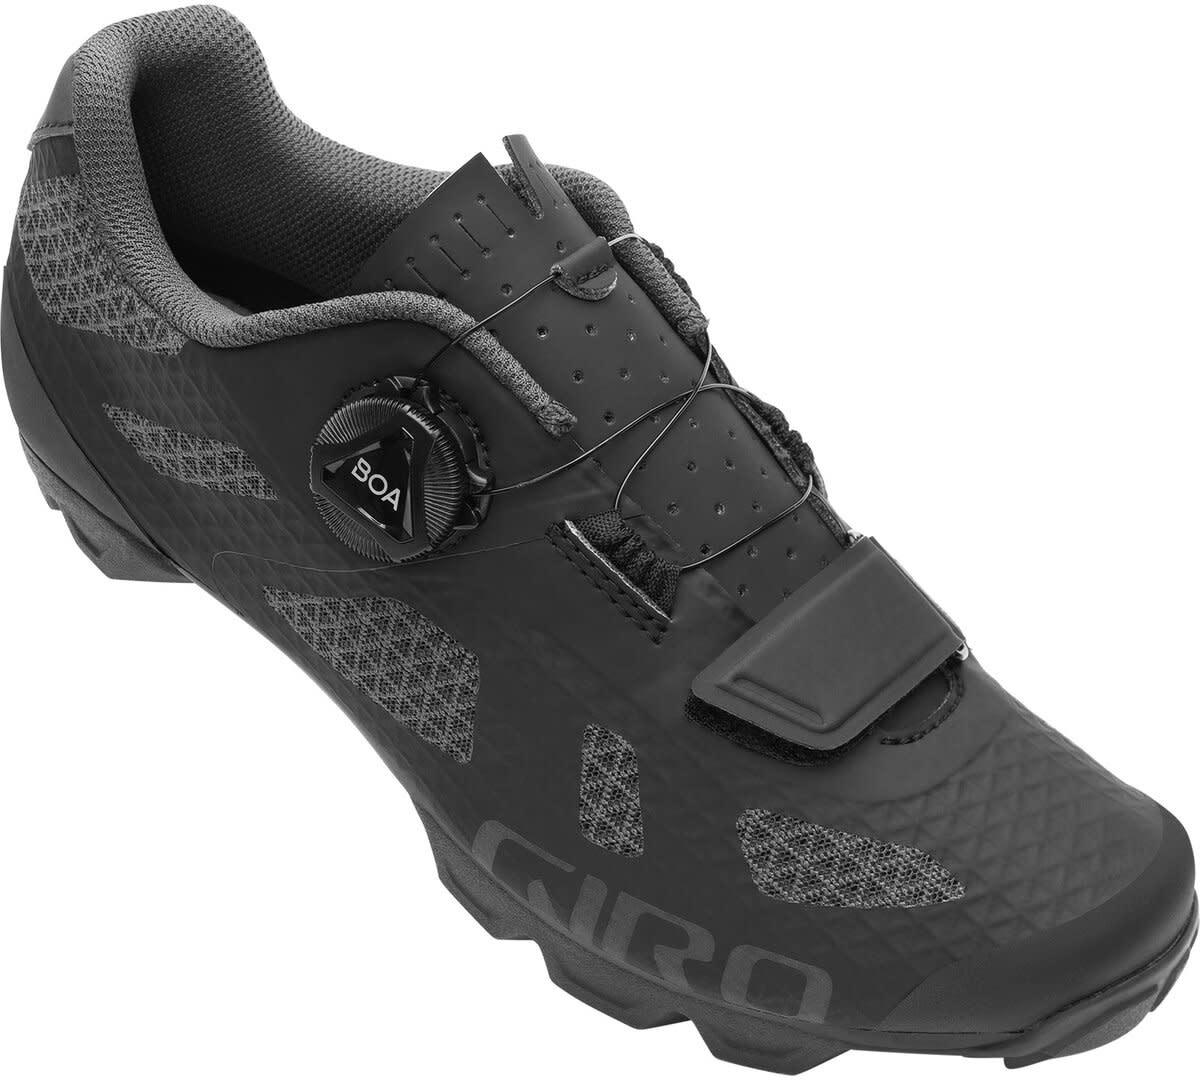 Giro Giro Rincon Womens shoe